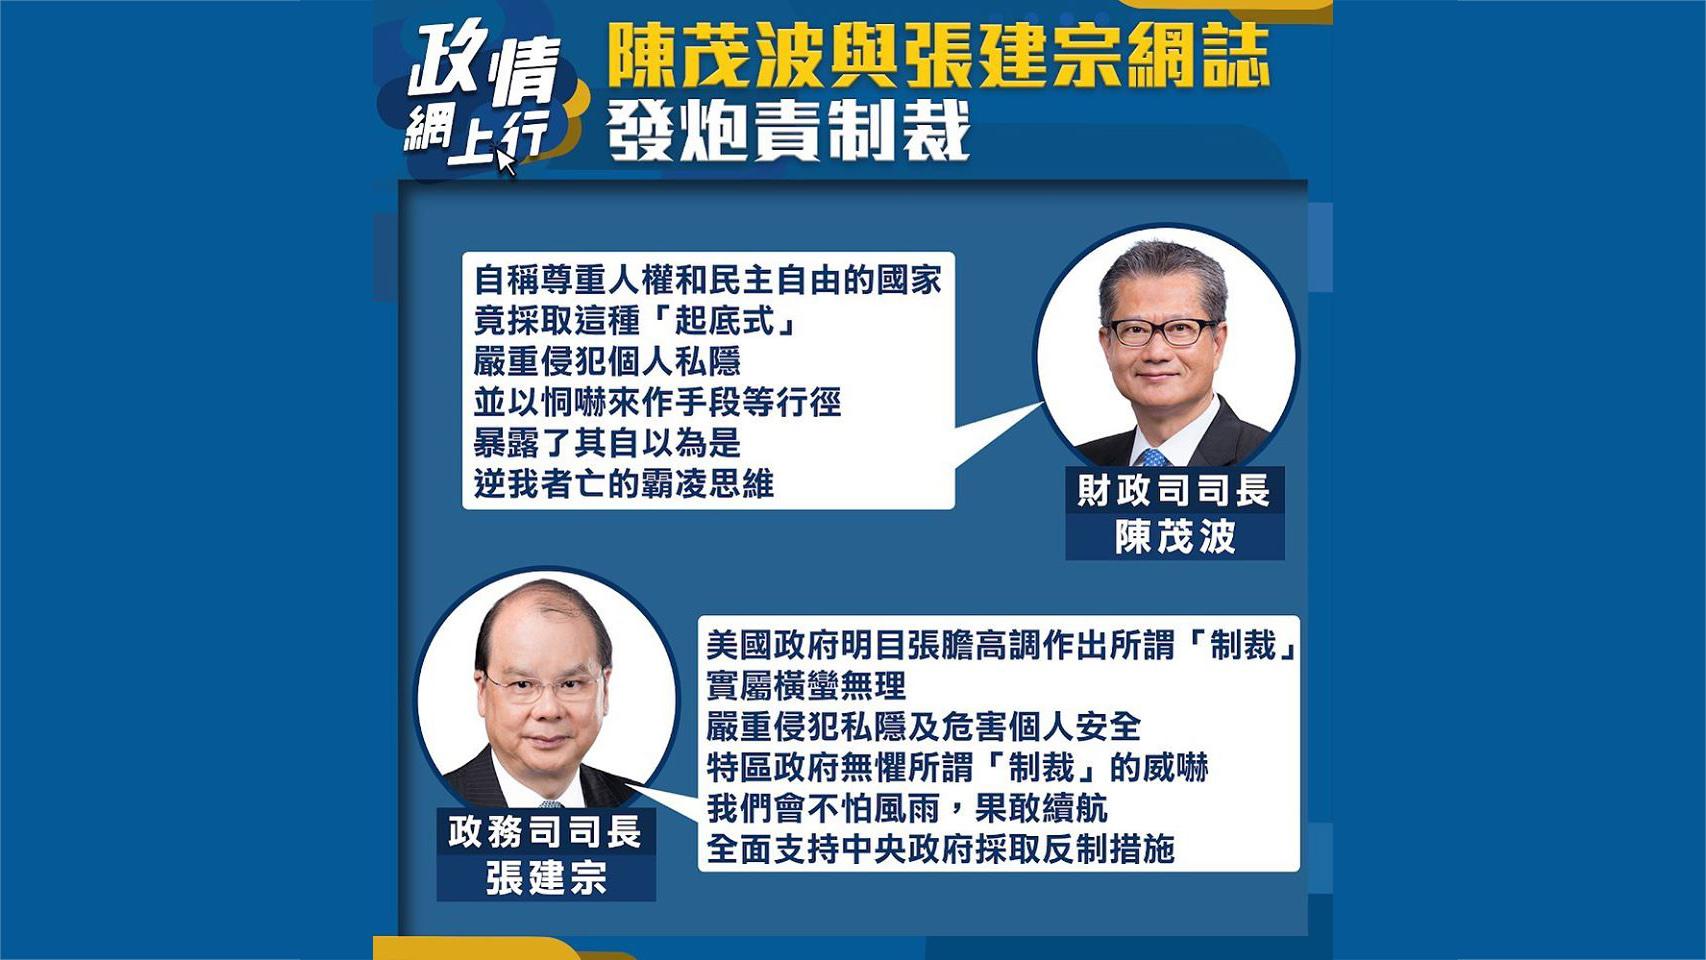 【政情網上行】陳茂波與張建宗網誌發炮責制裁